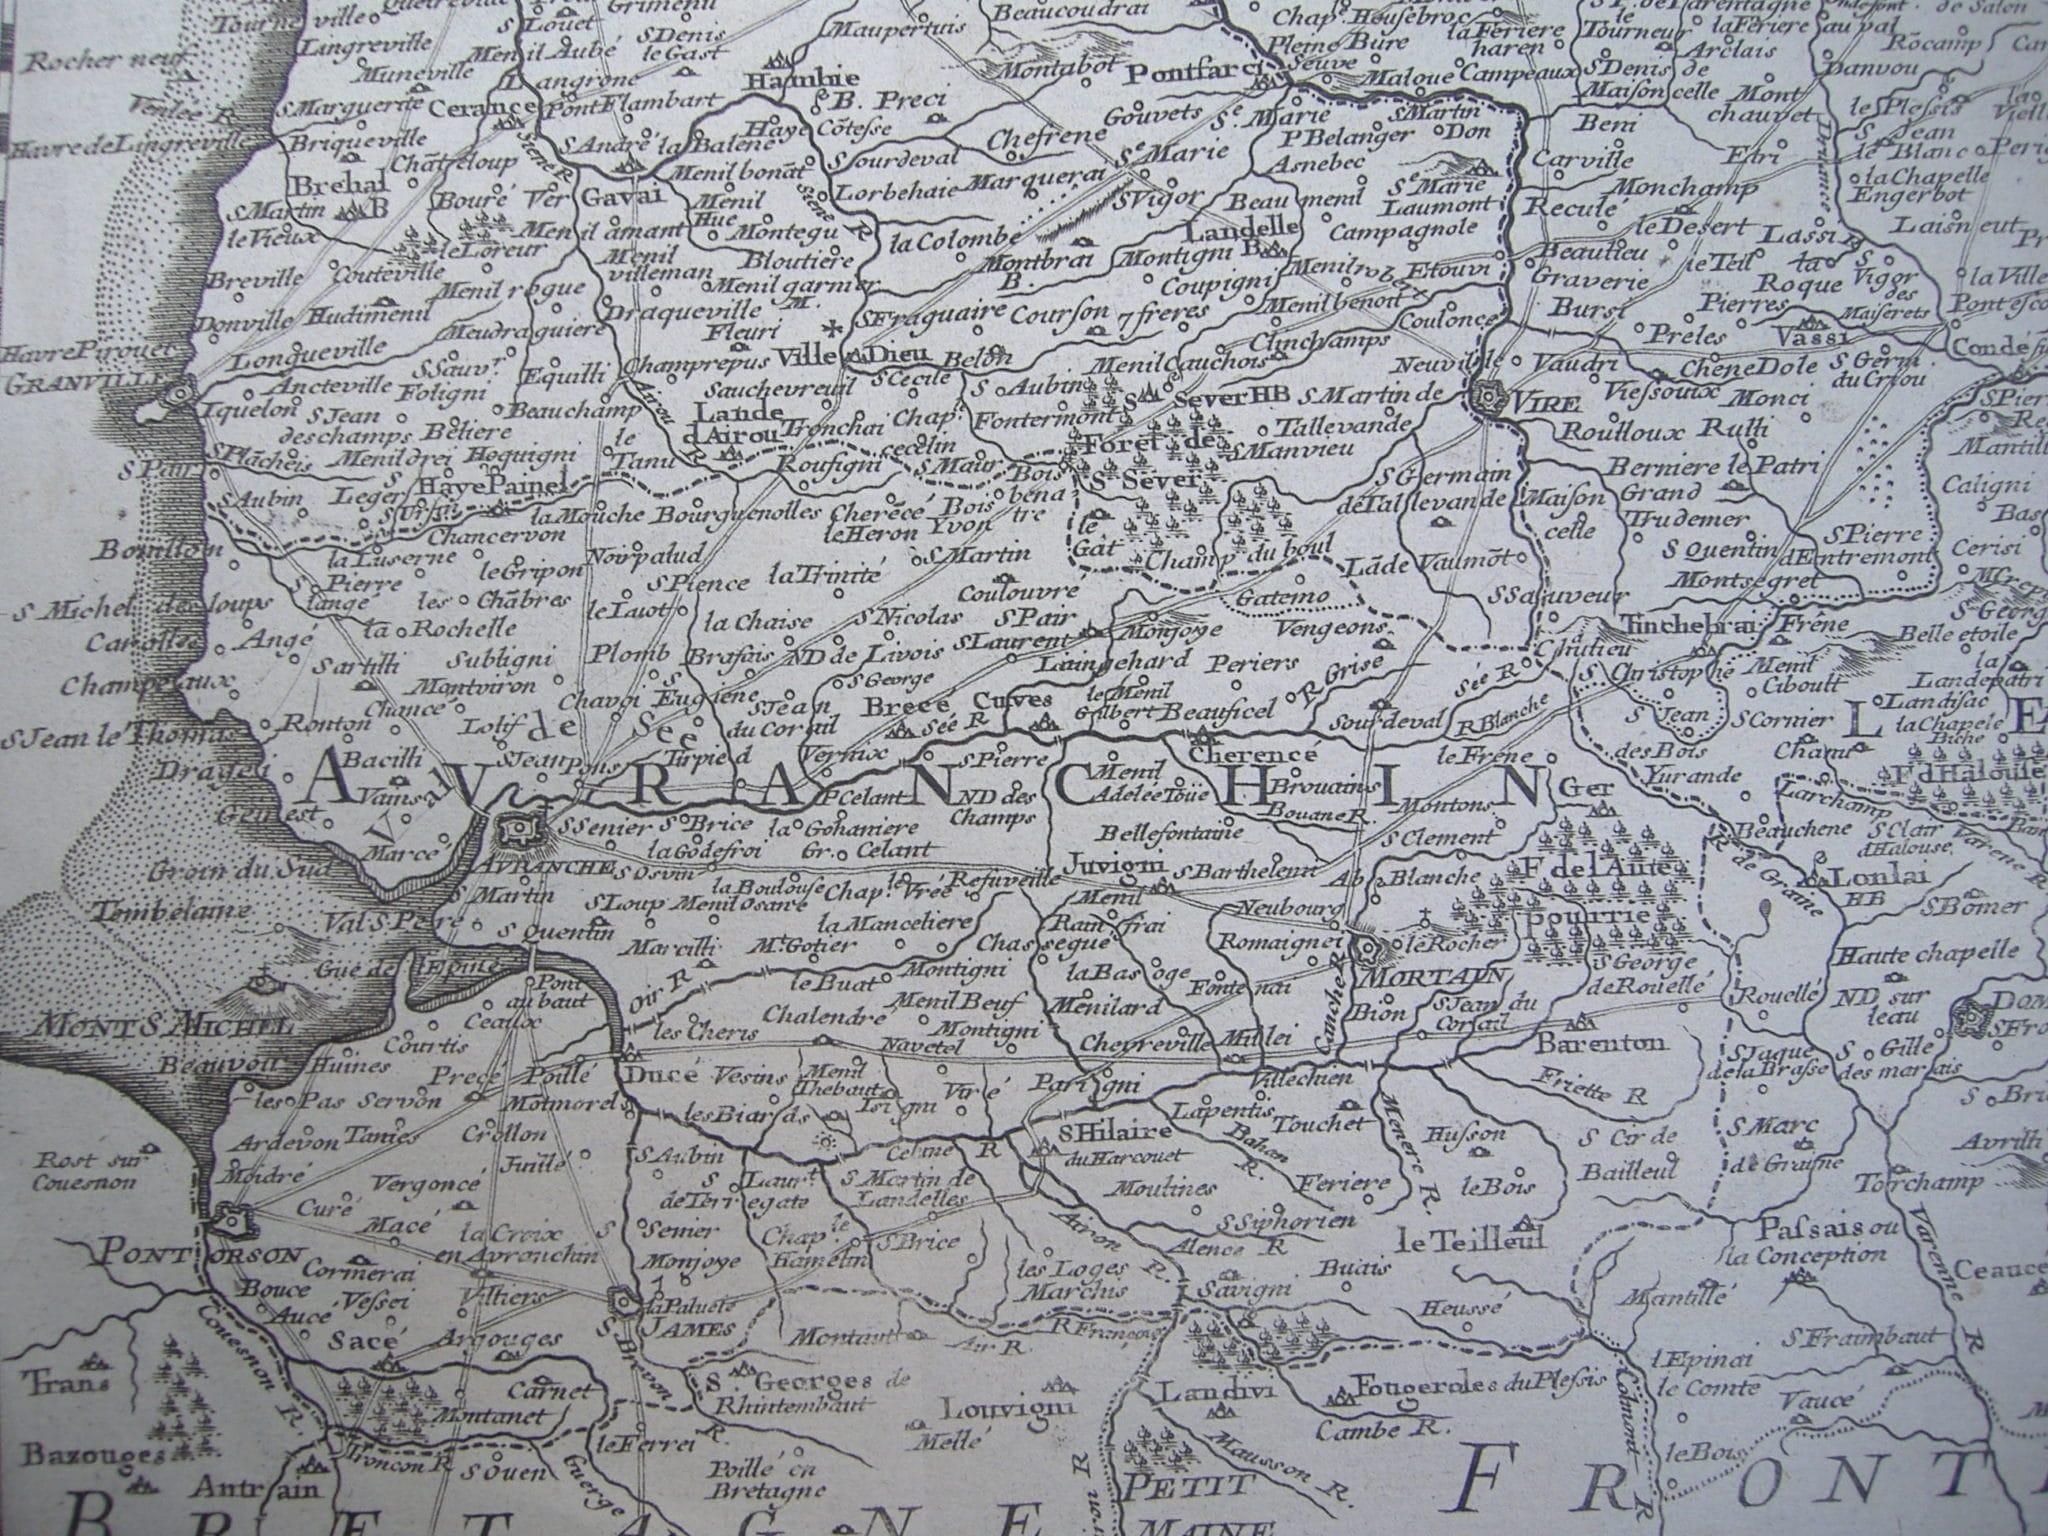 Carte de Normandie (détail), Guillaume Delisle, 1716, avec les principaux Grands Chemins des environs du Mont-Saint-Michel (cl. Association)